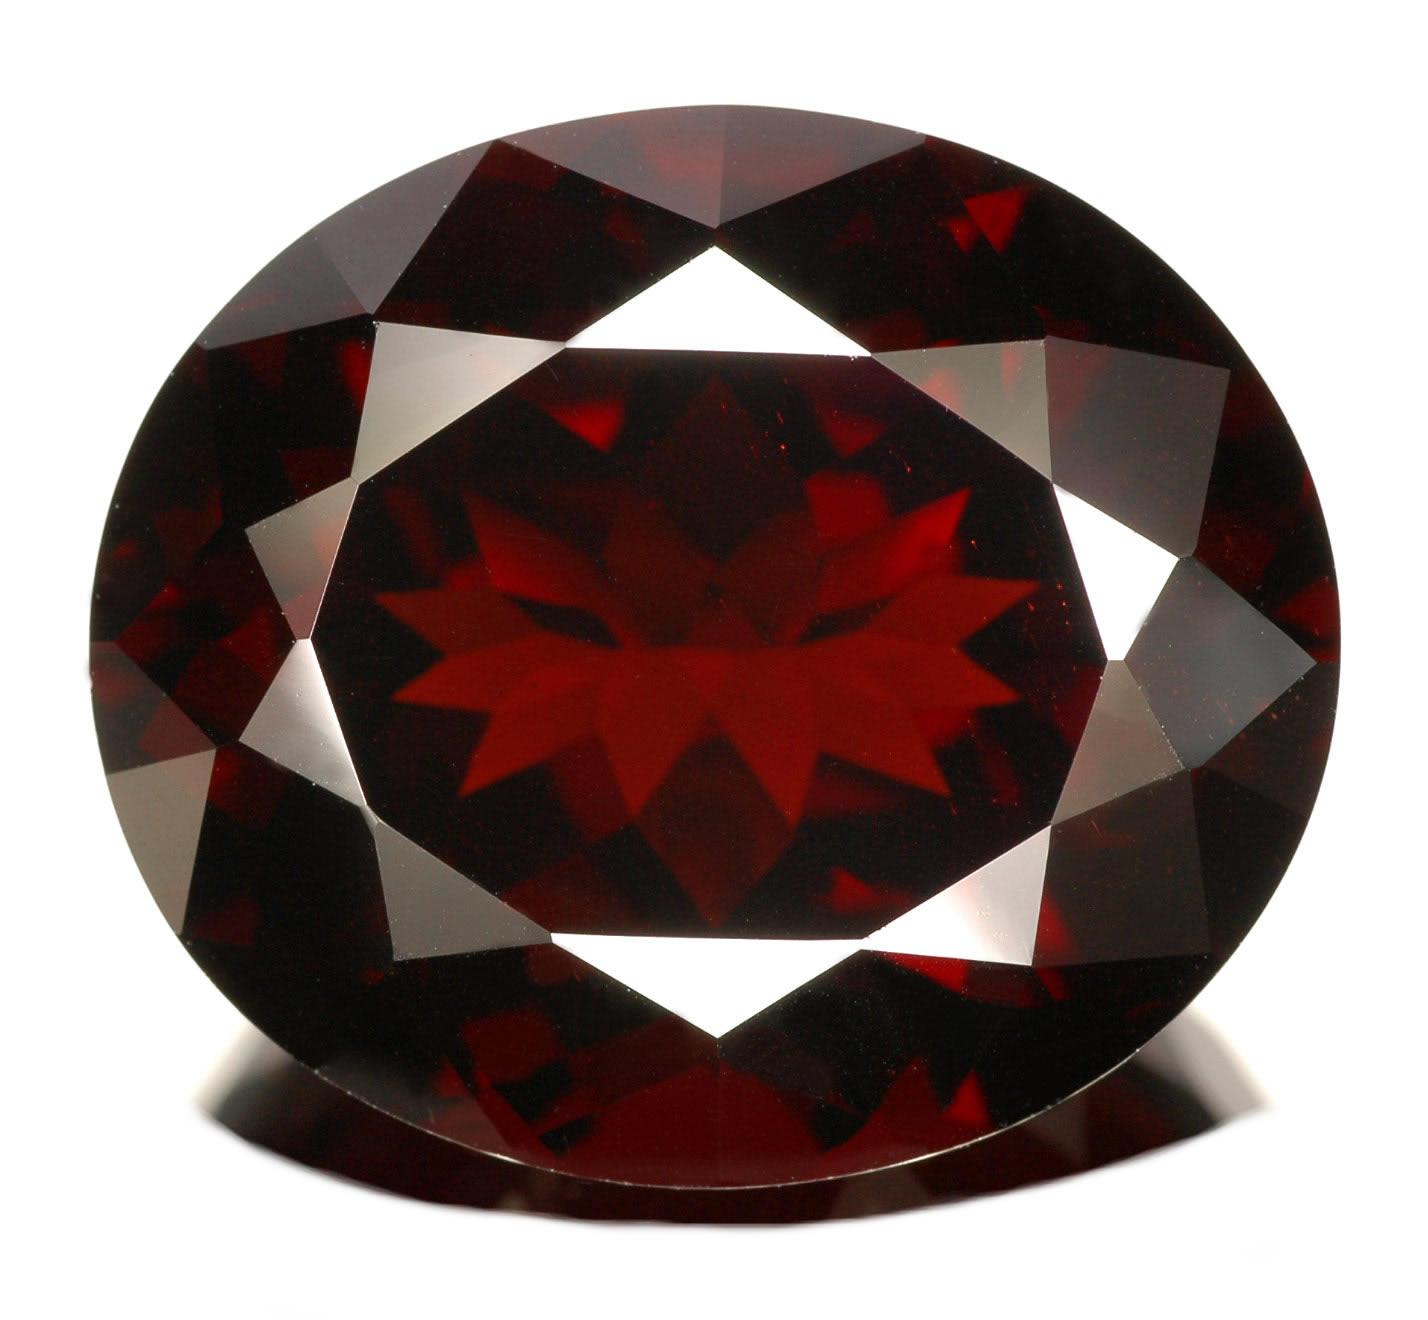 Informaci n de la piedra preciosa granate for Cual es el color piedra